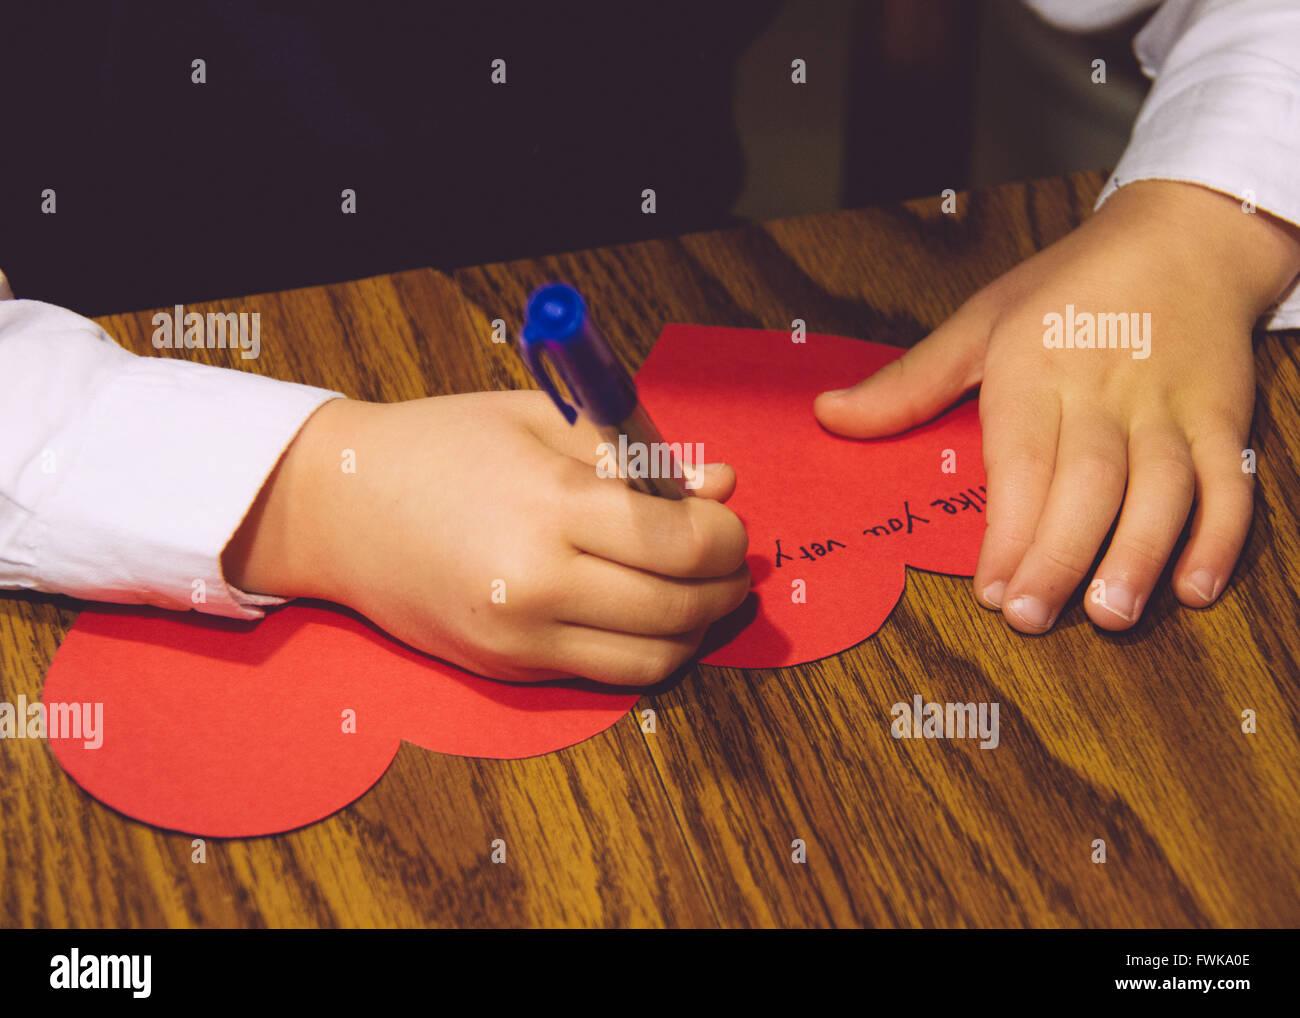 Immagine ritagliata del bambino iscritto a forma di cuore Saluto Card sul tavolo Immagini Stock